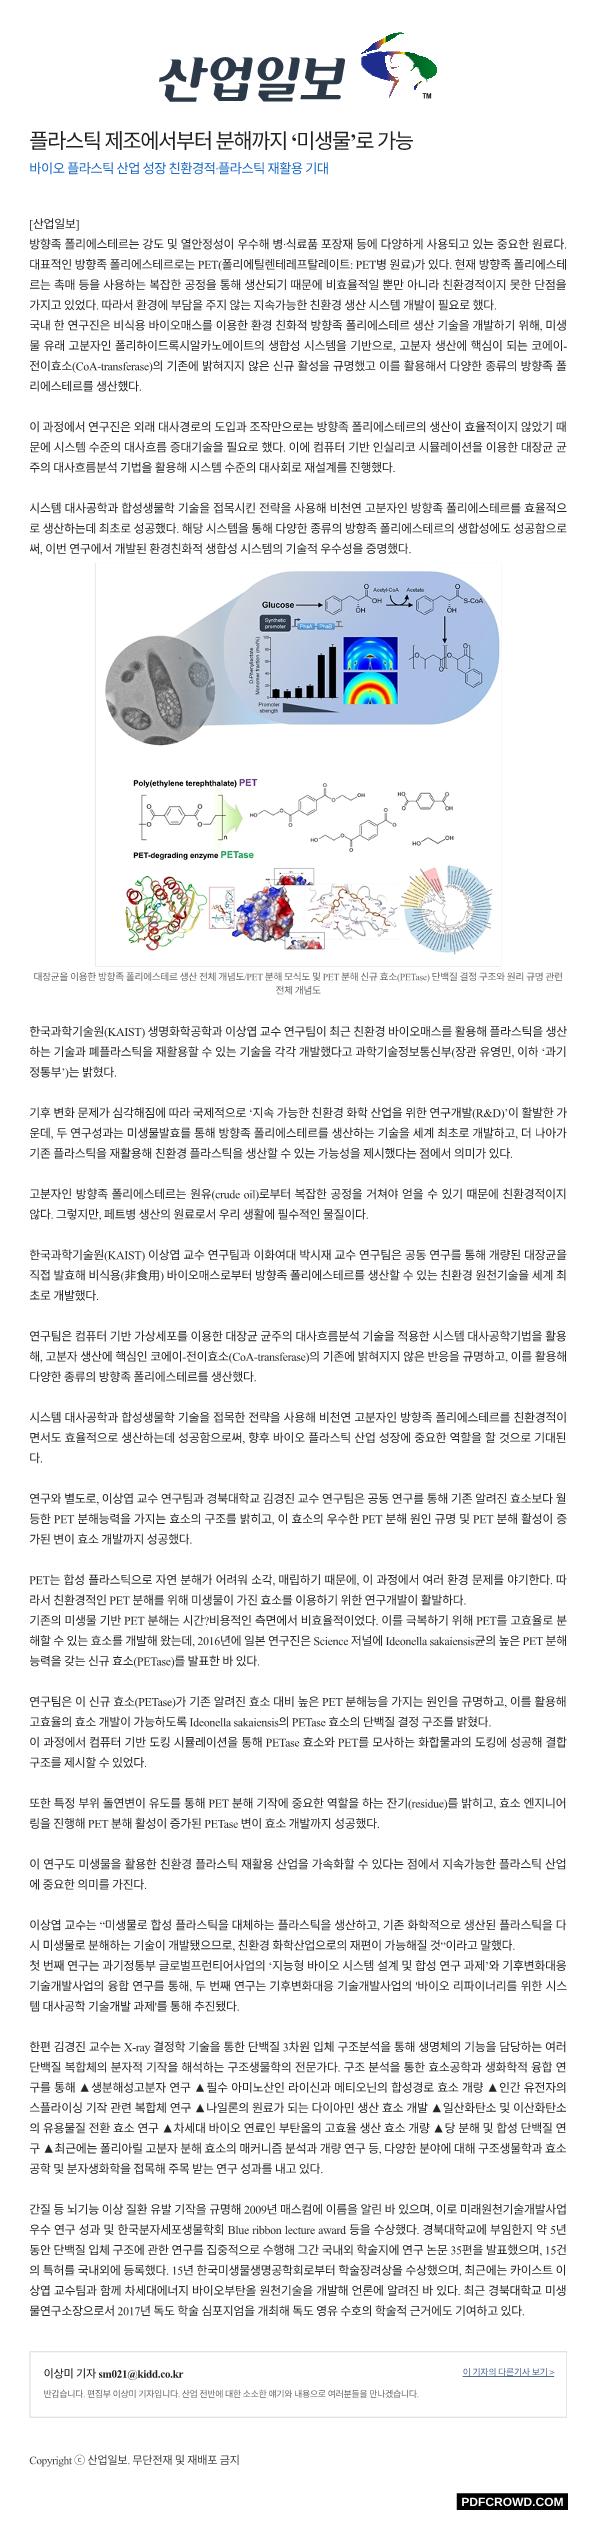 산업일보_플라스틱 제조에서부터 분해까지 '미생물'로 가능_1.png